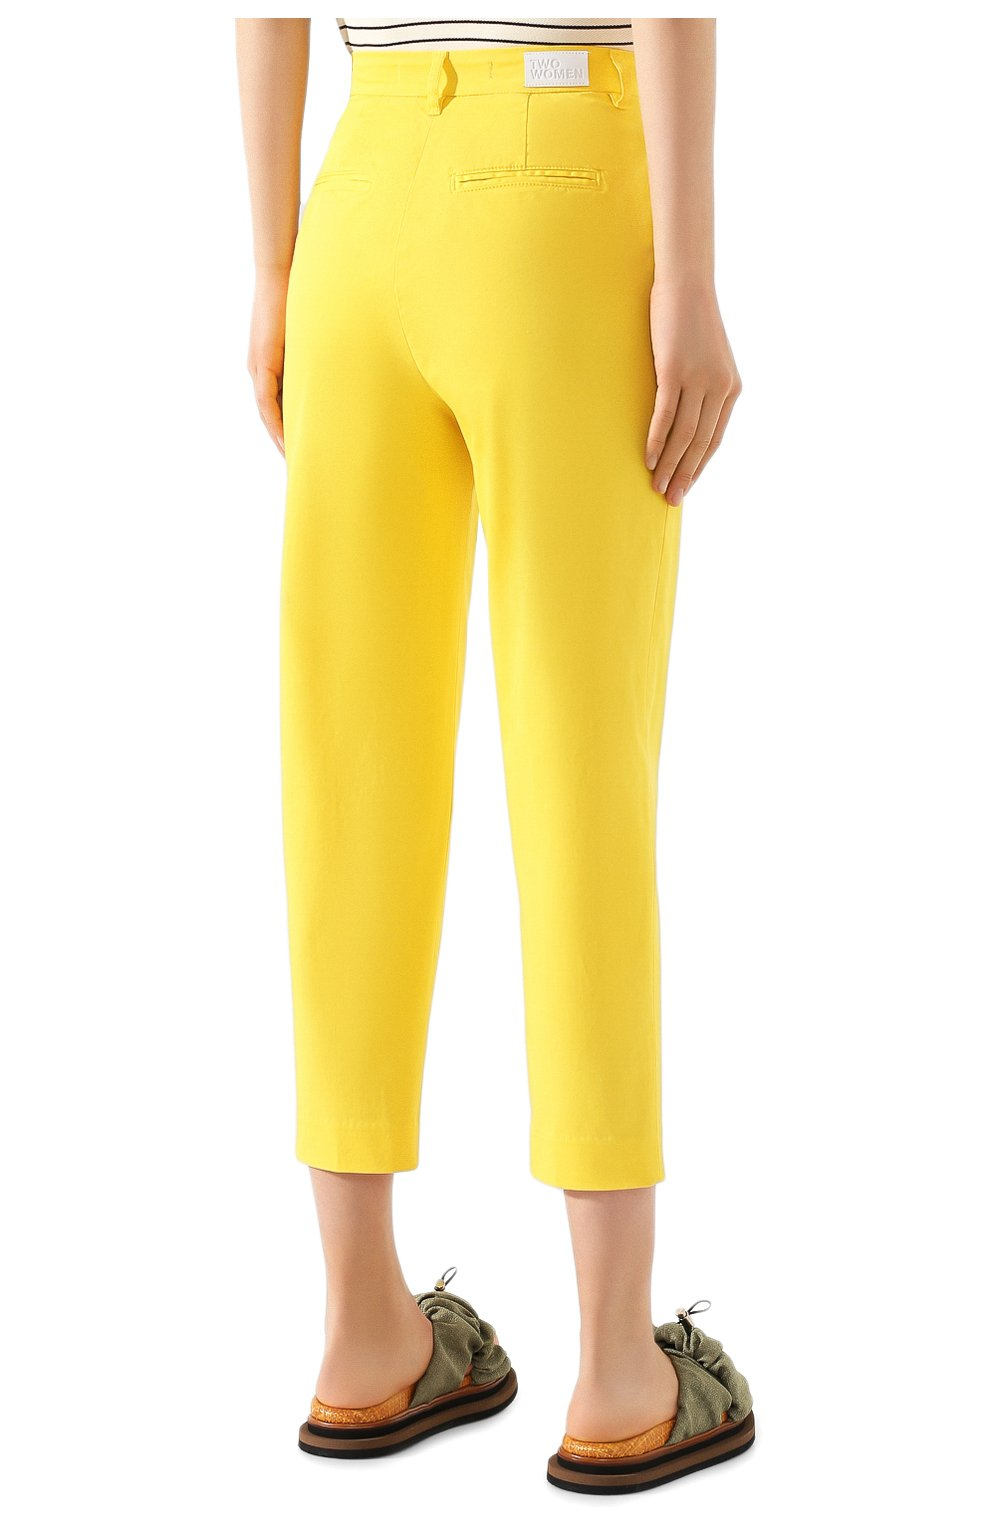 Женские хлопковые брюки TWO WOMEN IN THE WORLD желтого цвета, арт. LAUREN/YEAT3   Фото 4 (Женское Кросс-КТ: Брюки-одежда; Силуэт Ж (брюки и джинсы): Прямые; Материал внешний: Хлопок; Длина (брюки, джинсы): Укороченные)